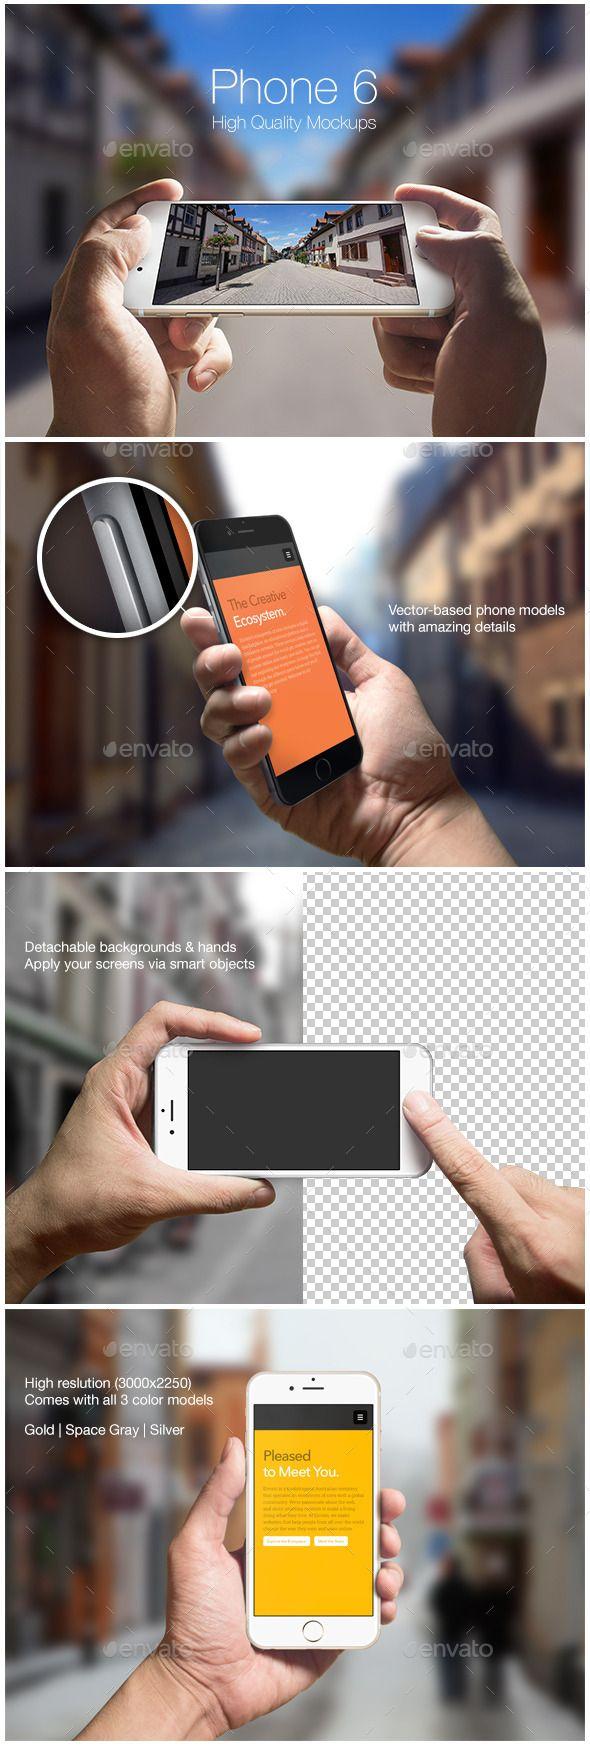 6 poster design photo mockups 57079 - 6 Poster Design Photo Mockups 57079 6 Poster Design Photo Mockups 57079 Phone 6 Mockups